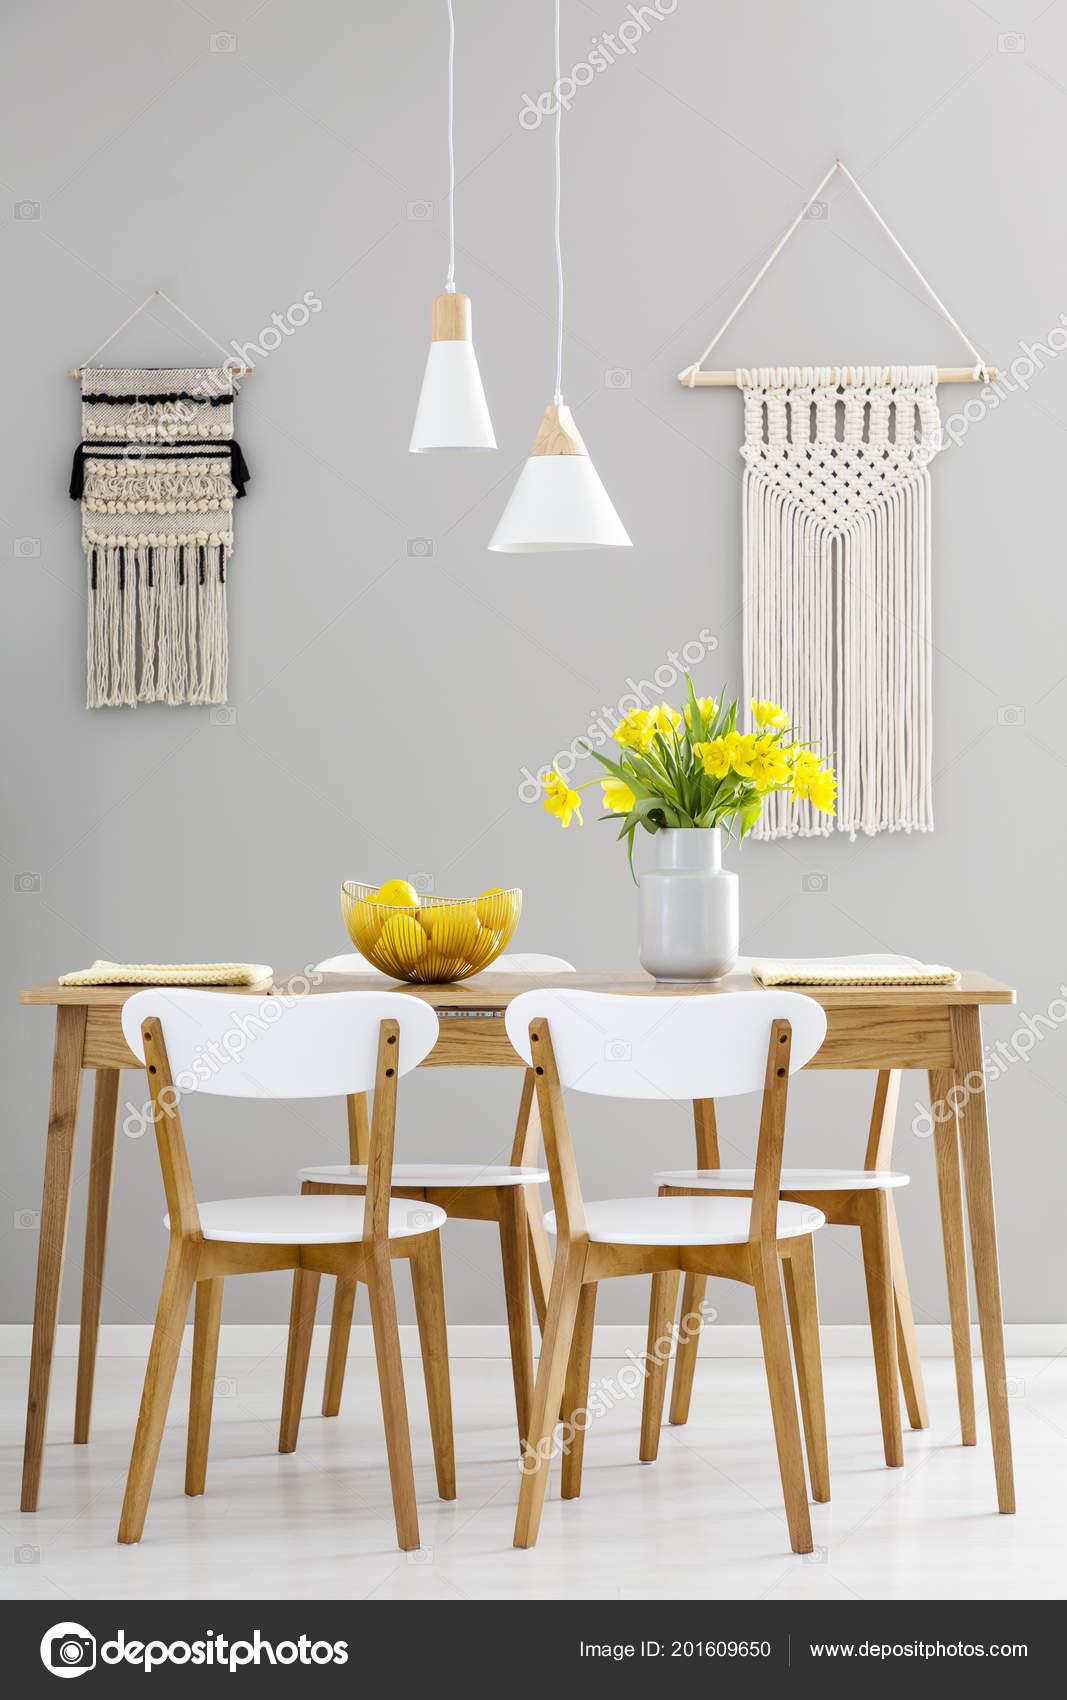 Houten Tafel Met Witte Stoelen.Witte Stoelen Aan Houten Tafel Met Gele Bloemen Grijs